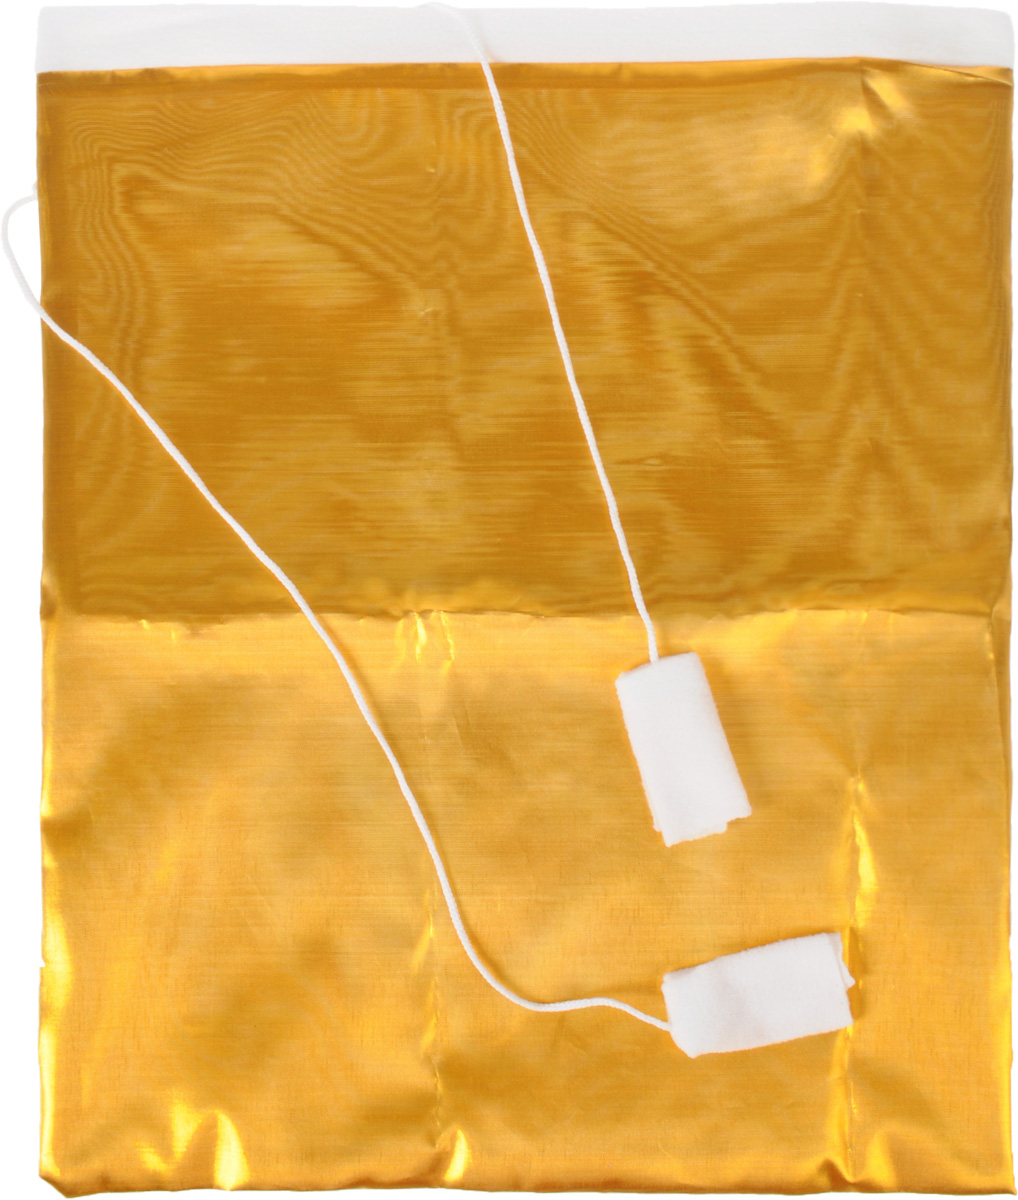 Мешок для подарков Eva, цвет: золотистый, белый, 37 х 50 смА101Мешок Eva, выполненный из полиэстера, предназначен для подарков. Такой аксессуар особенно актуален в преддверии новогодних праздников.